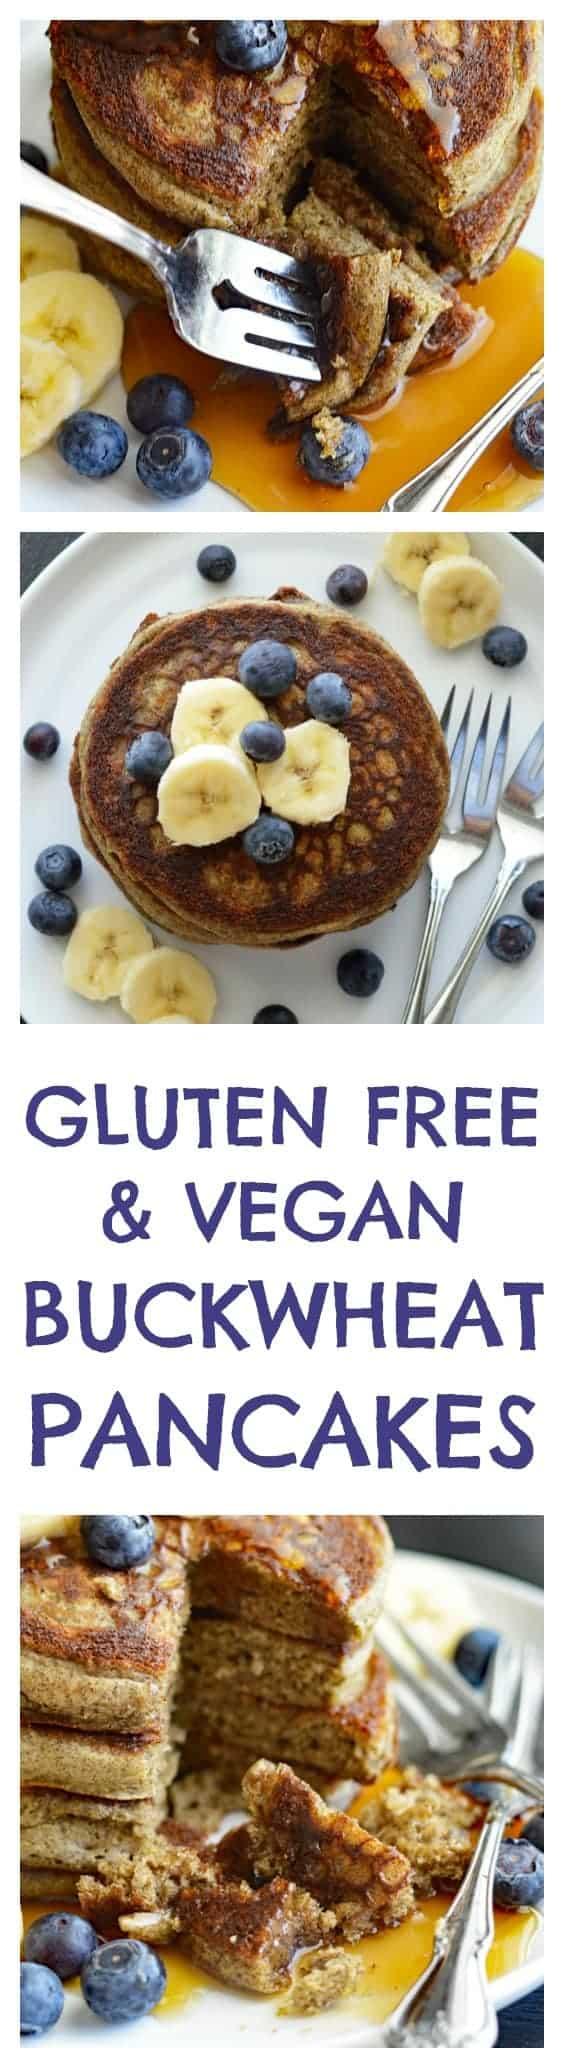 Gluten Free Vegan Buckwheat Pancakes